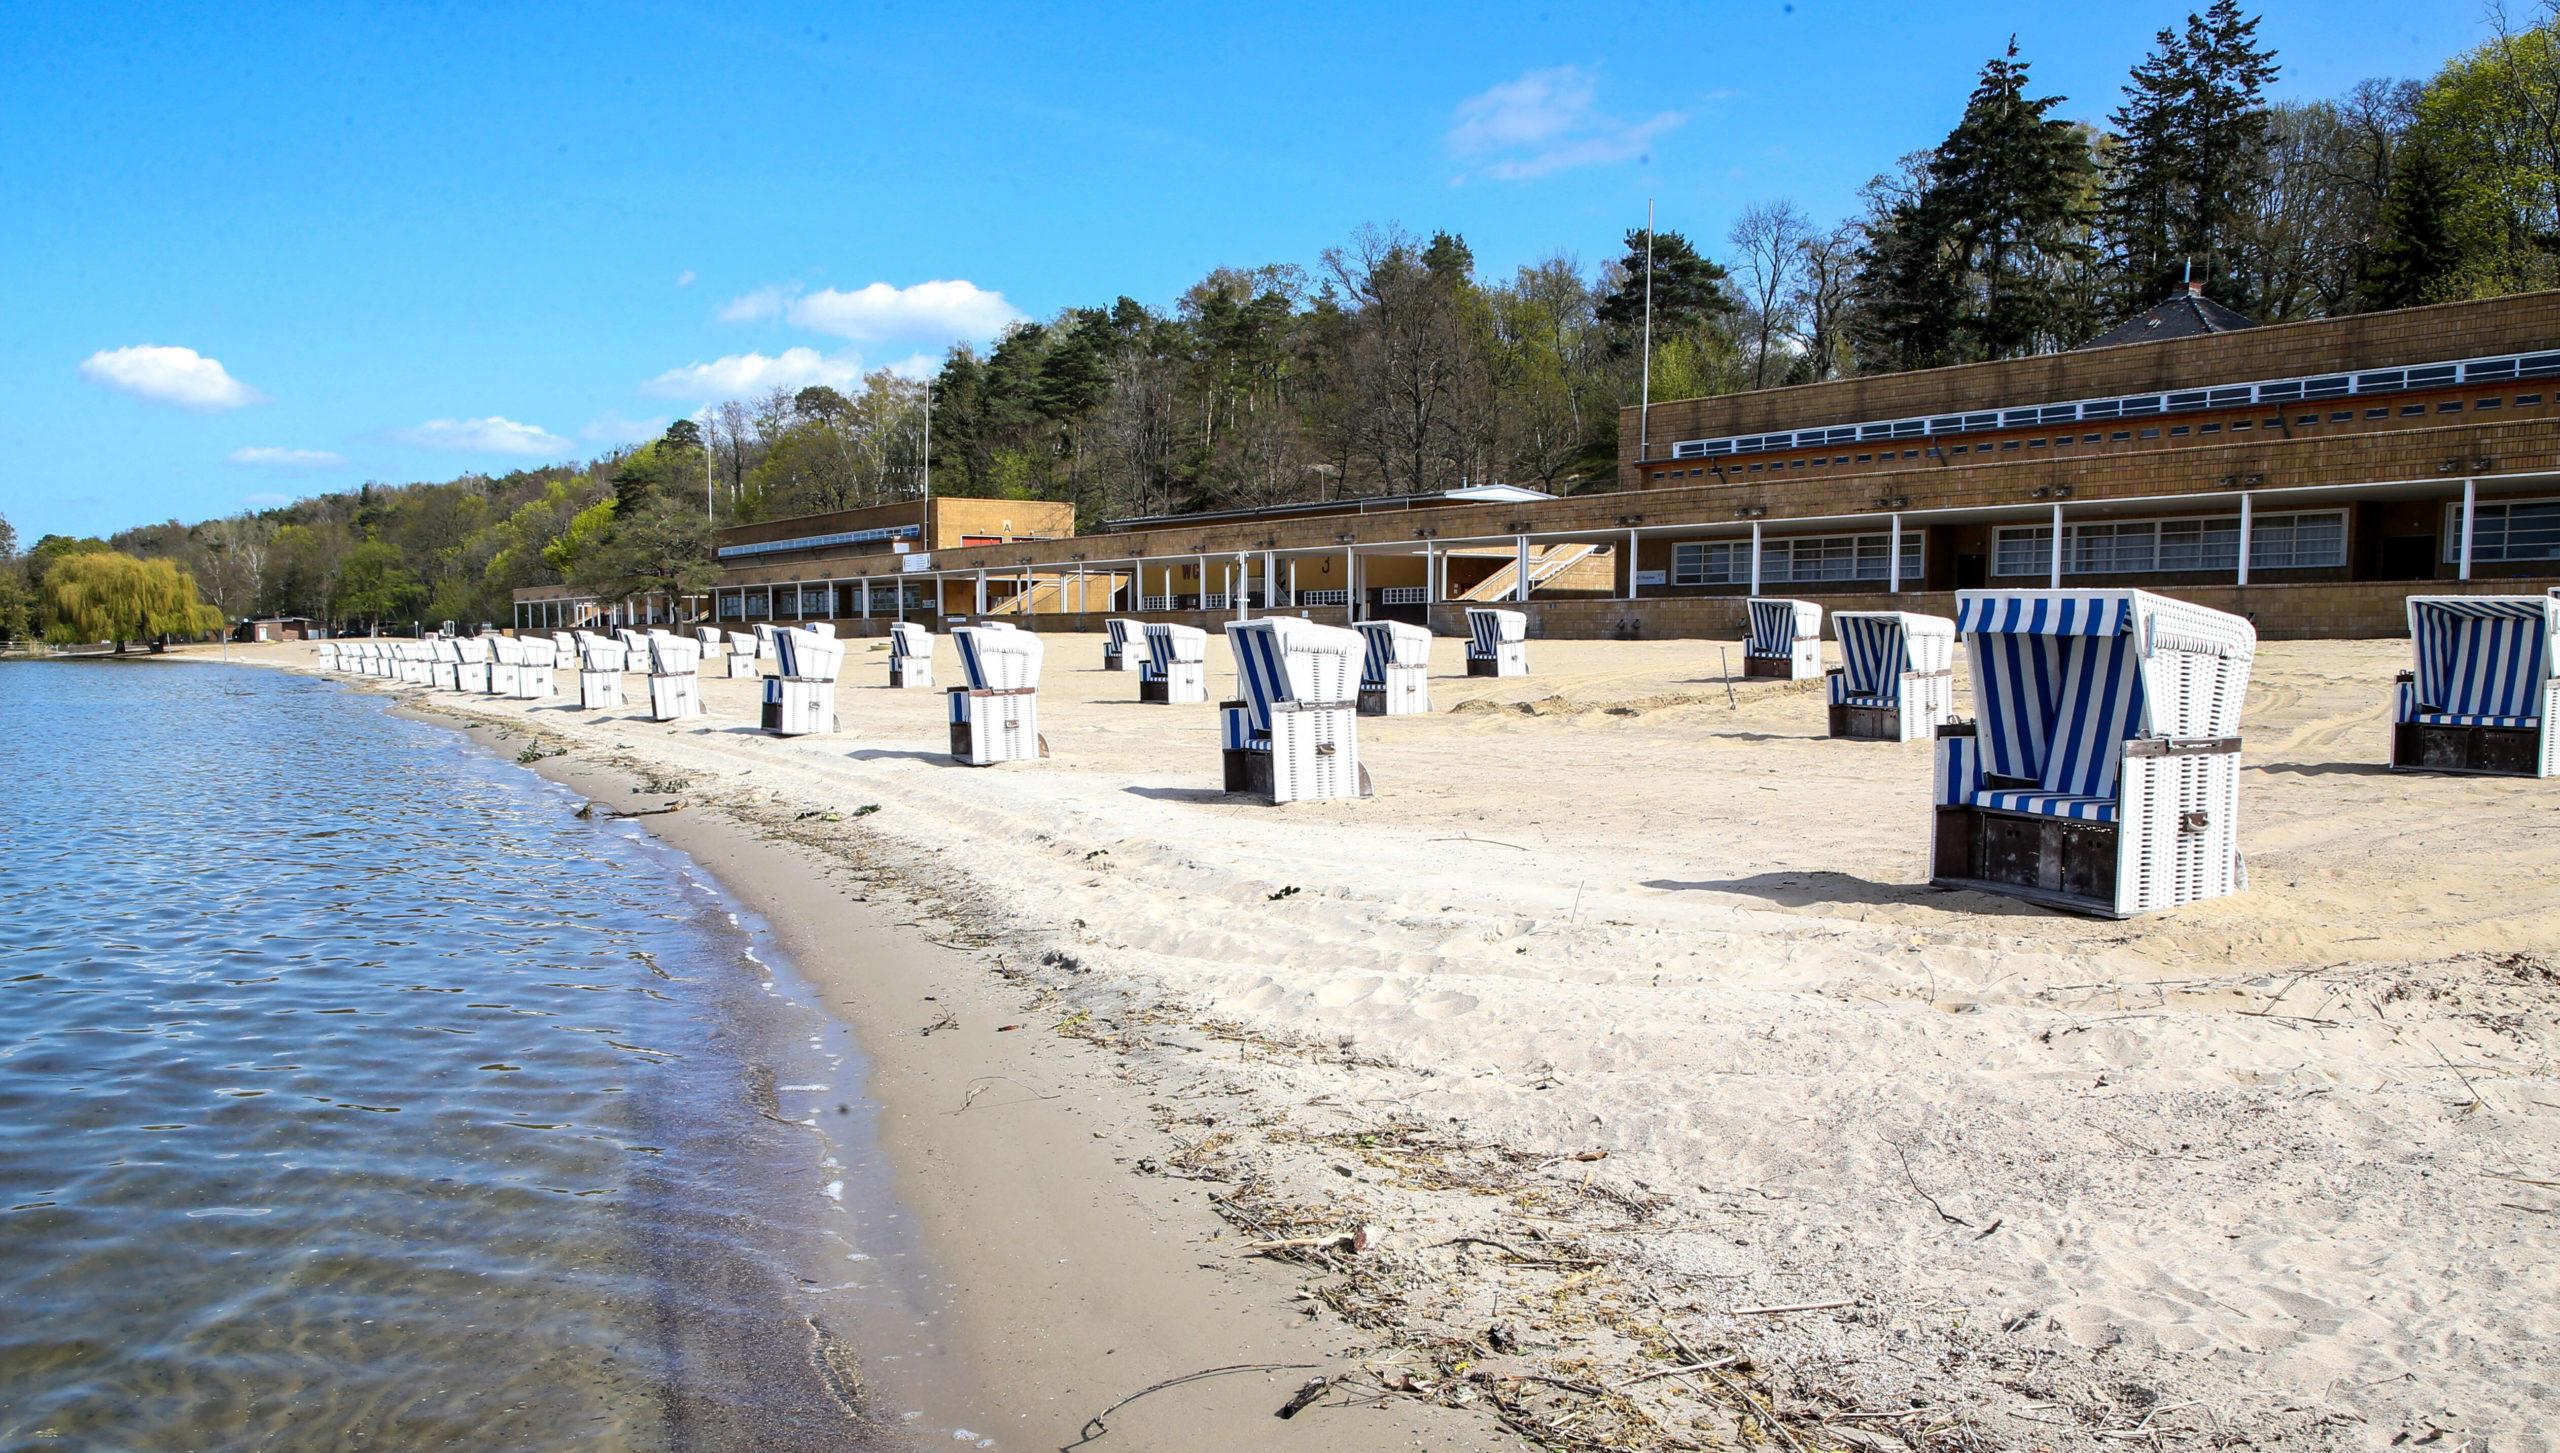 Wannsee Weißer Sand wie am Meer: Der schöne Strand im Strandbad Wannsee ist knapp 1.300 Meter lang und ein Sehnsuchtsort an heißen Berliner Sommertagen.